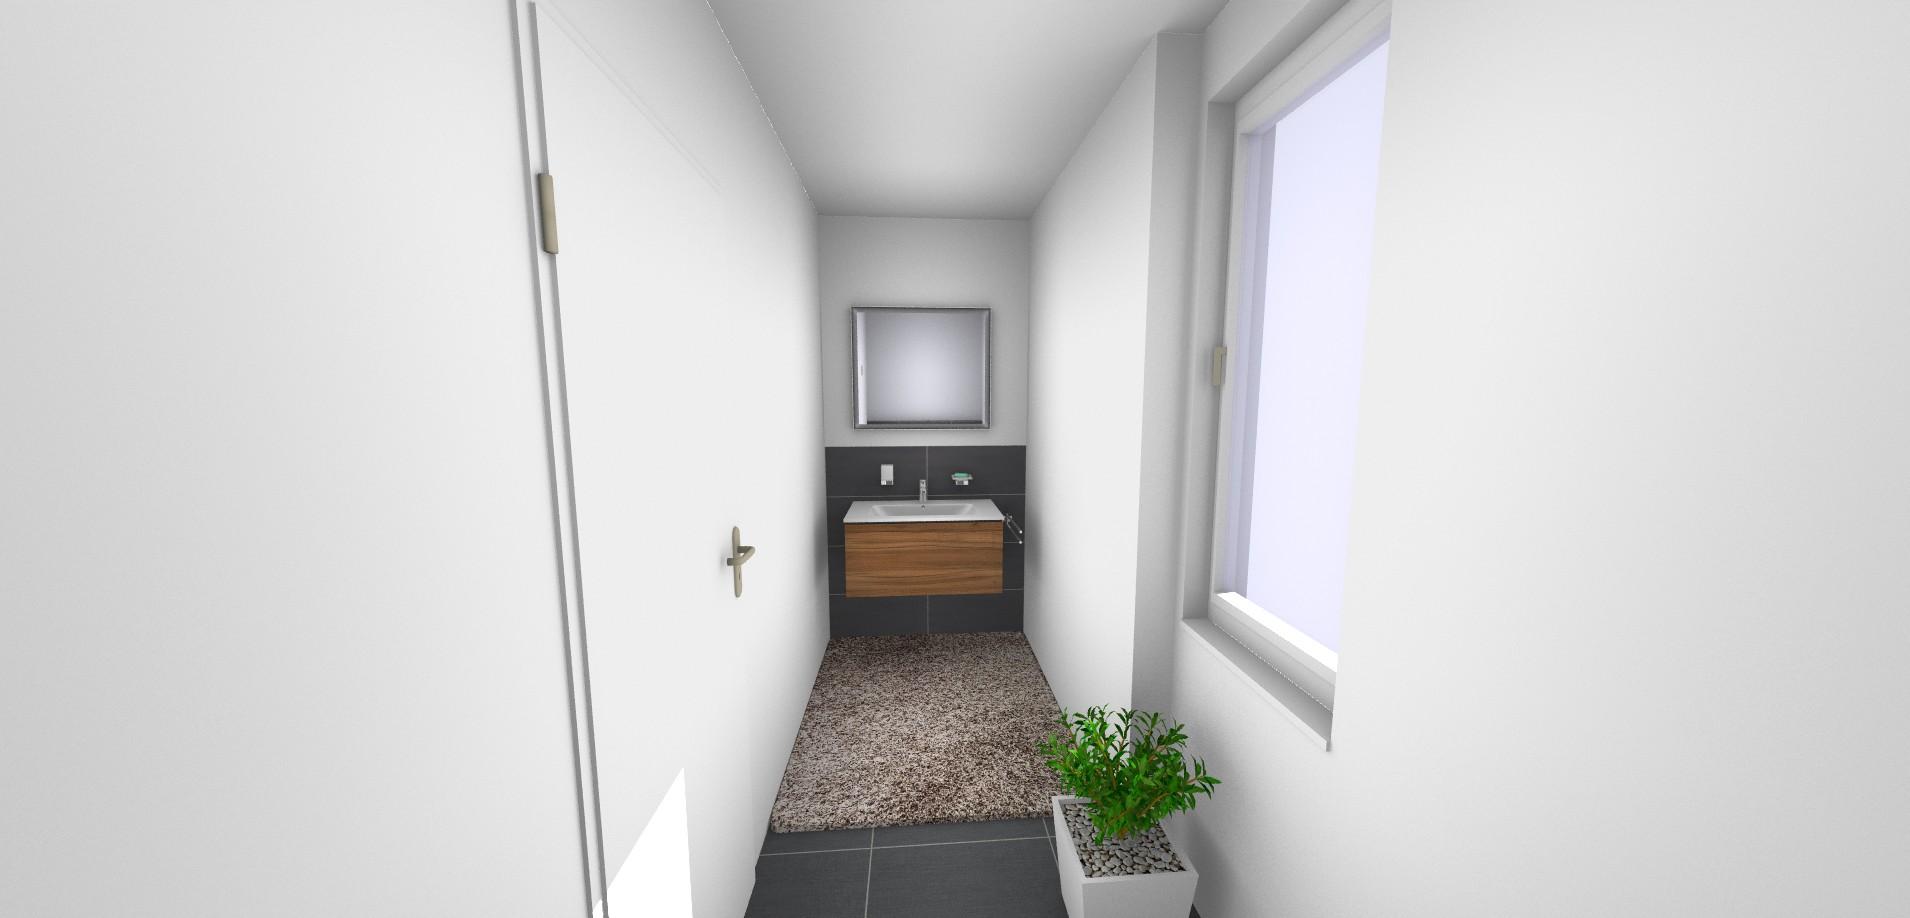 Progetta il tuo bagno arredobagno online design with for Progetta il tuo seminterrato online gratuitamente